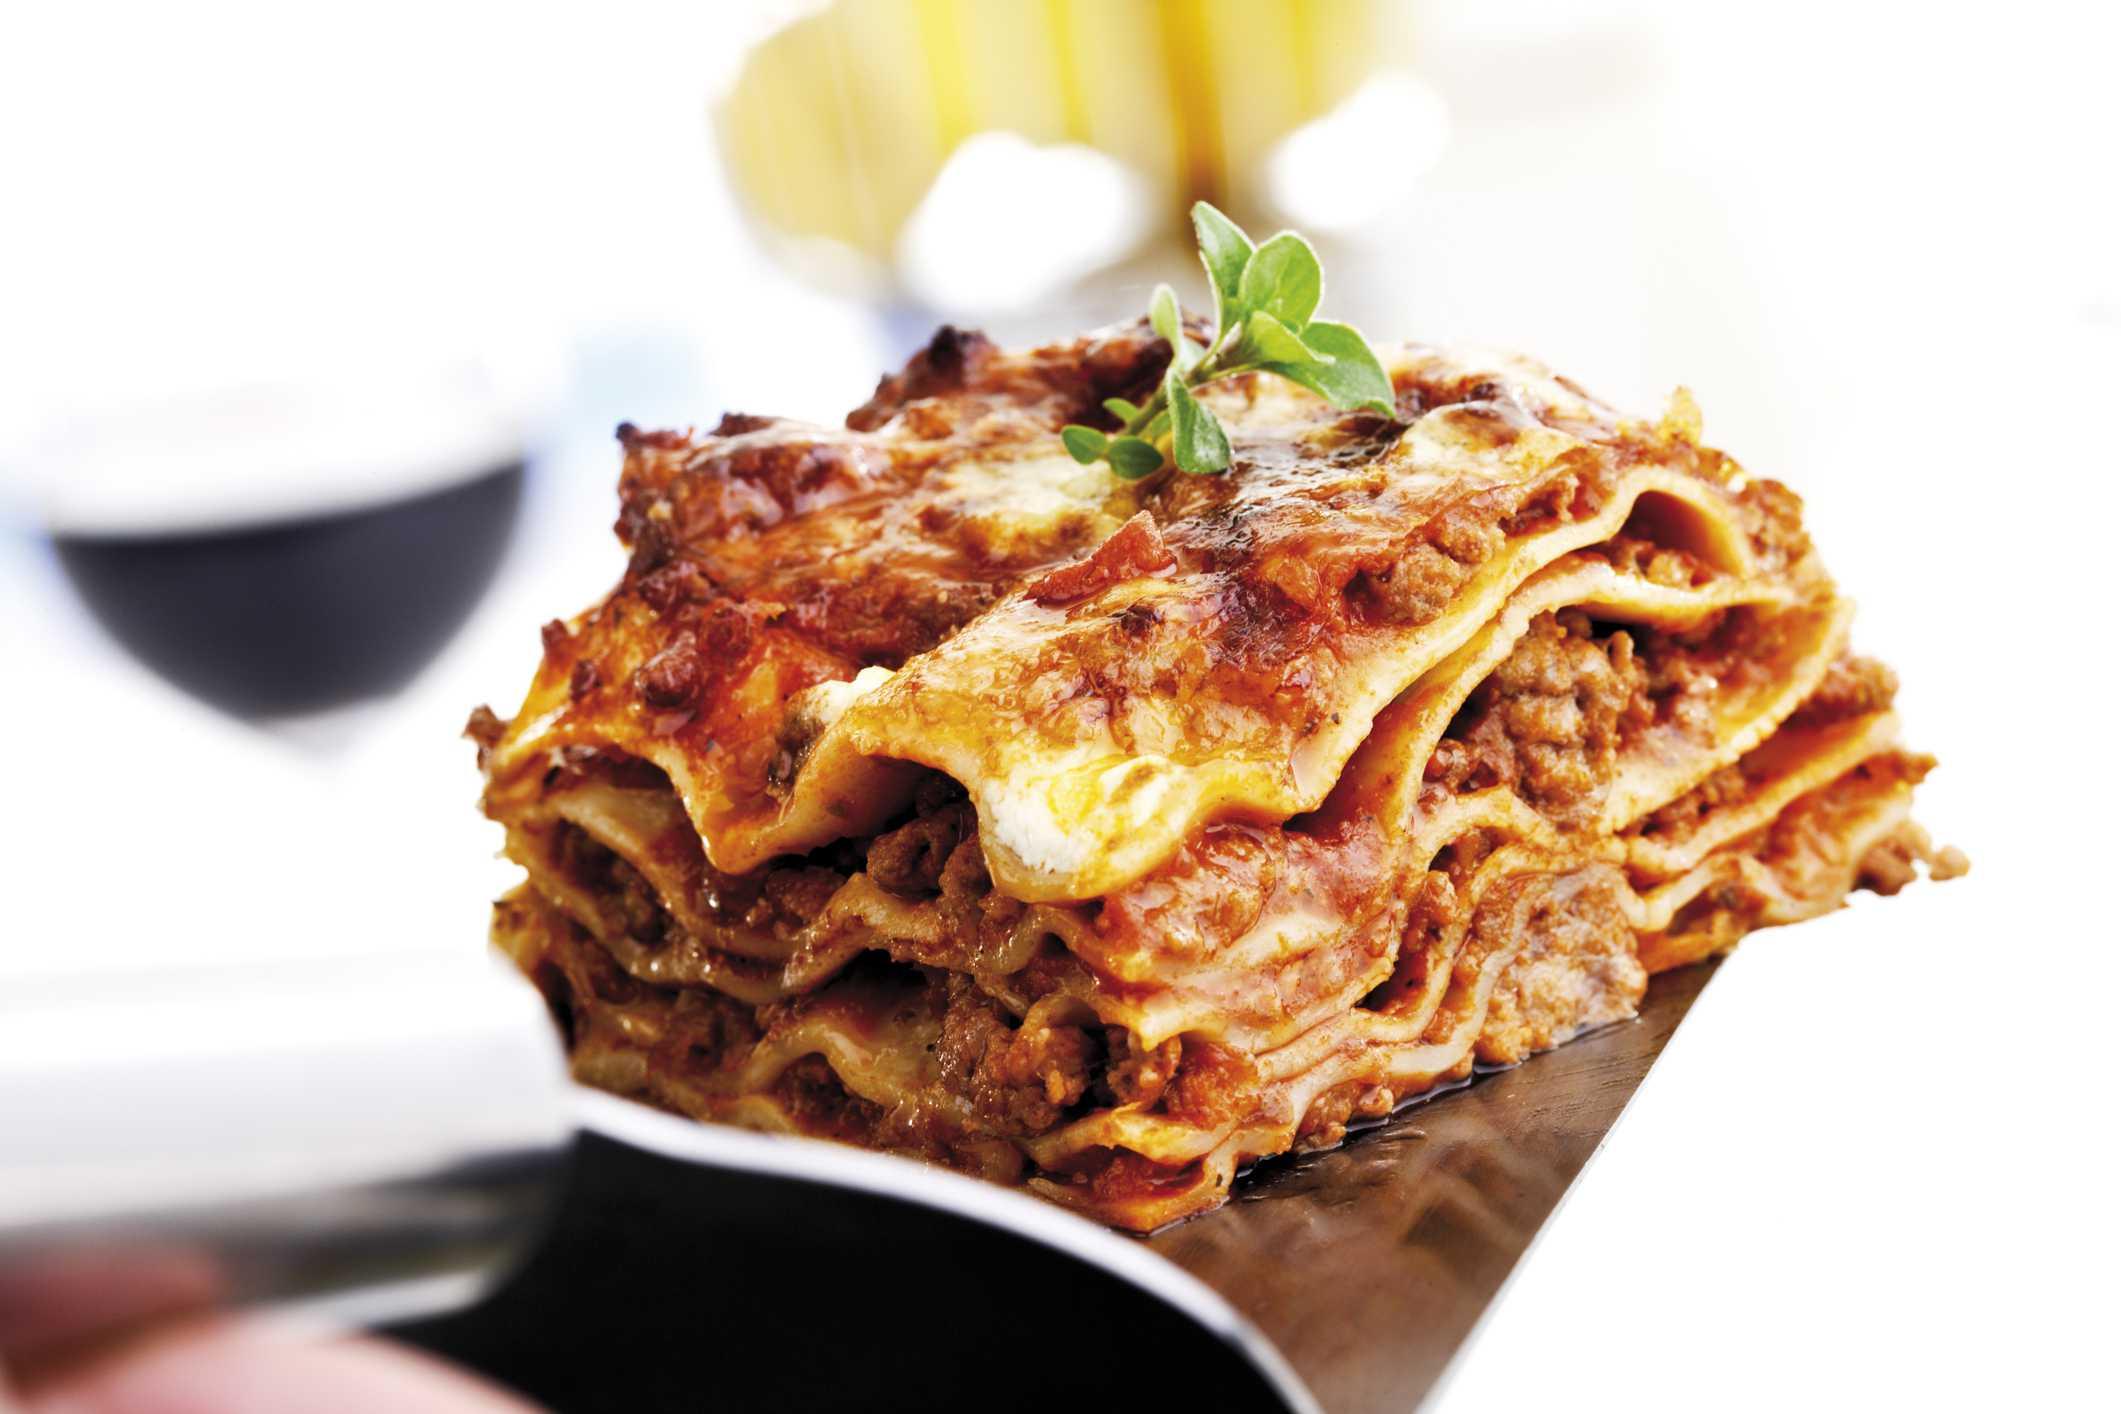 A serving of lasagna